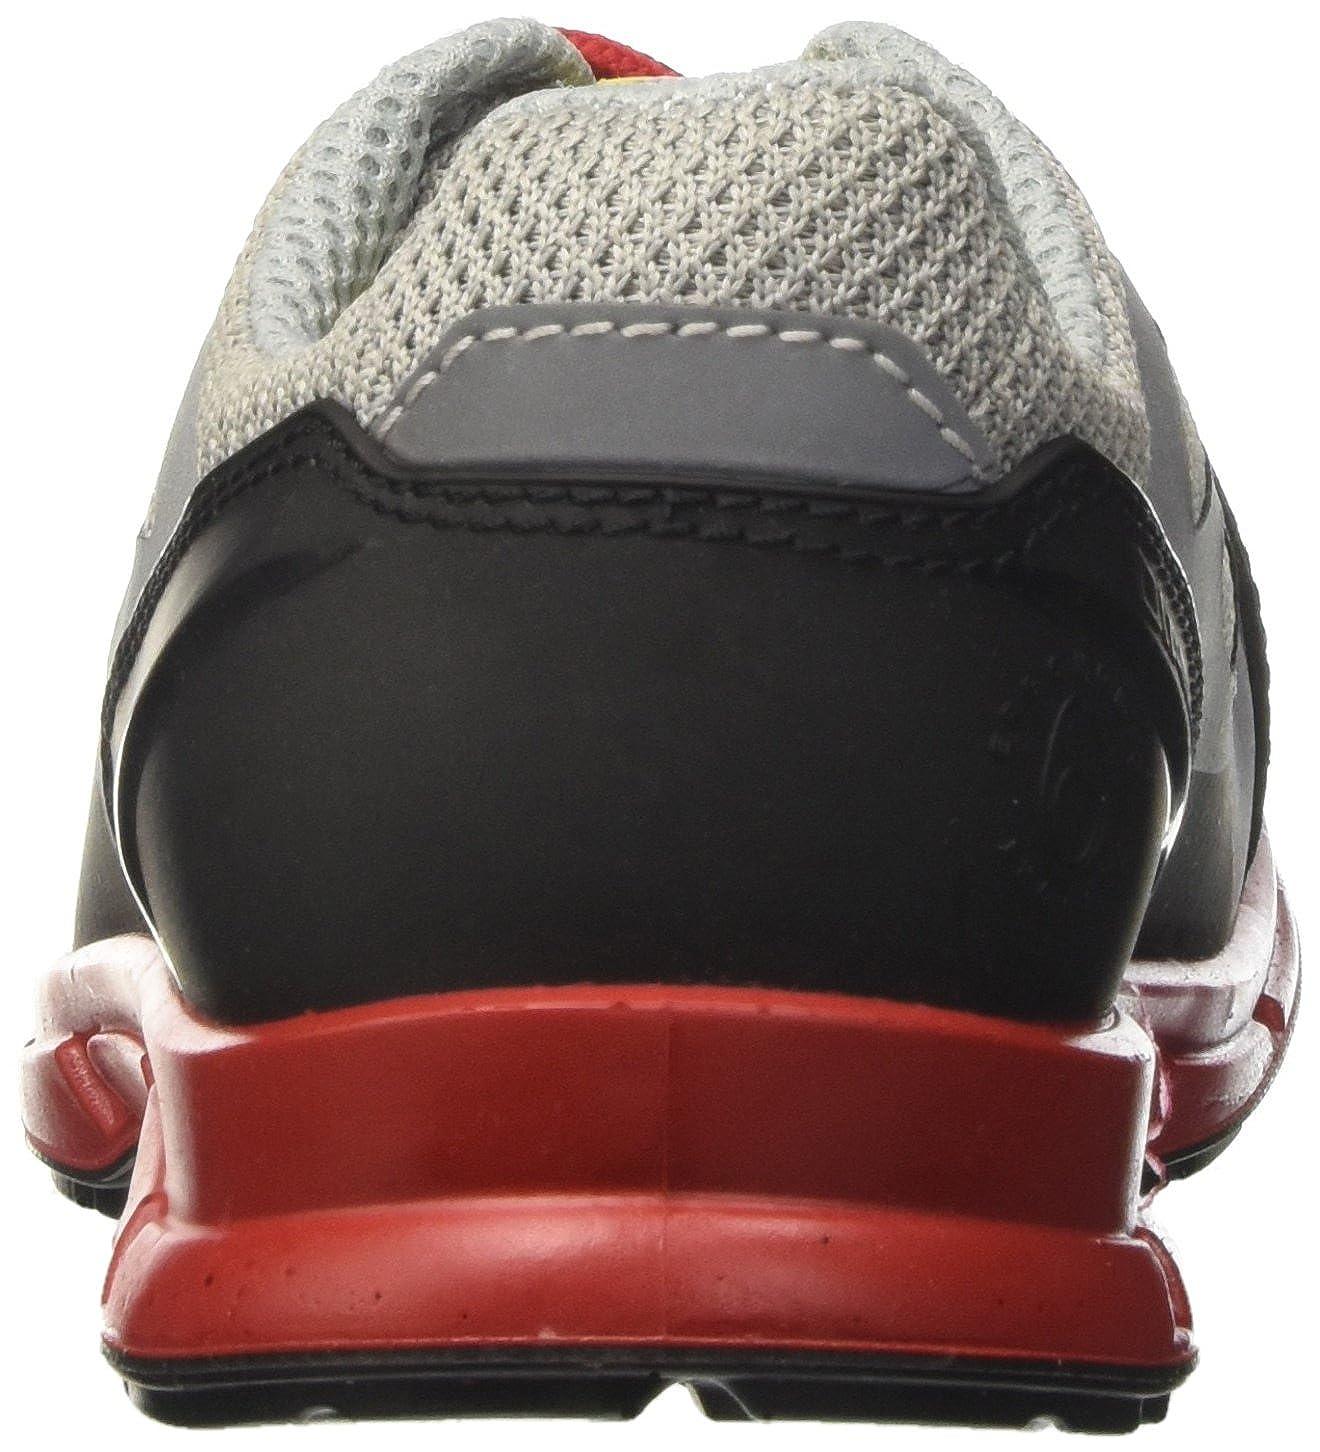 Scarpe da Lavoro Uomo Diadora D-Flex Low S1p